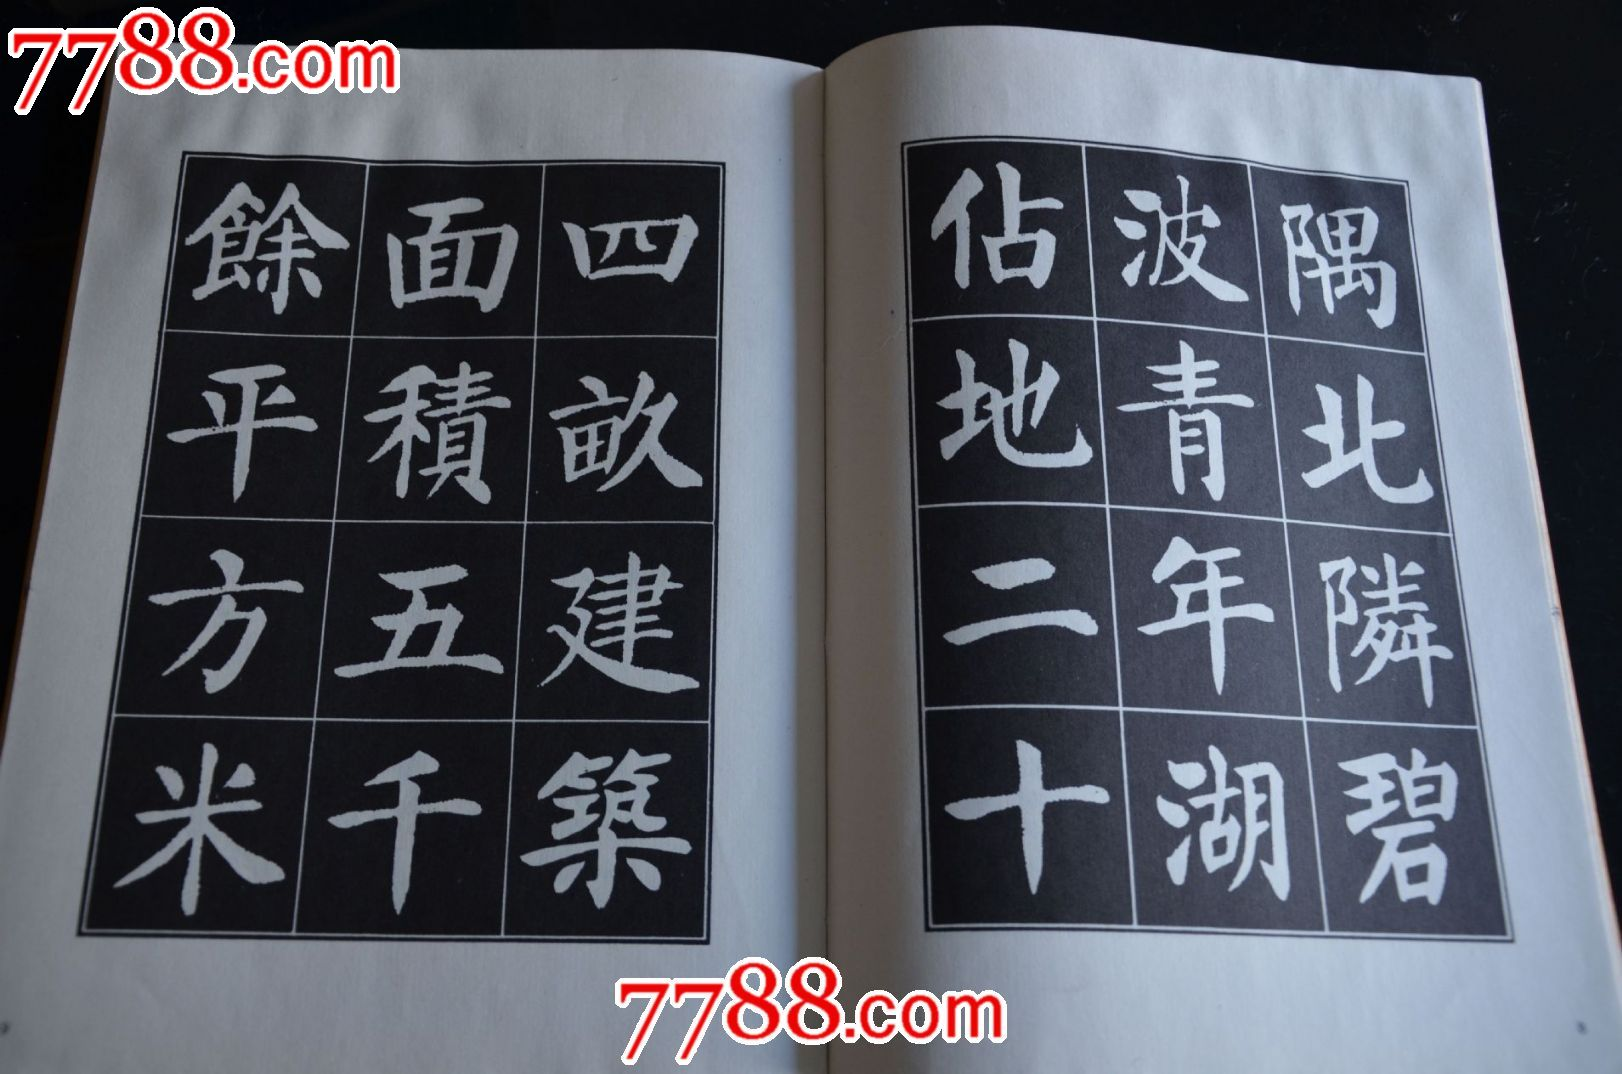 刘炳森楷书—曹州书画院碑记(原版书)